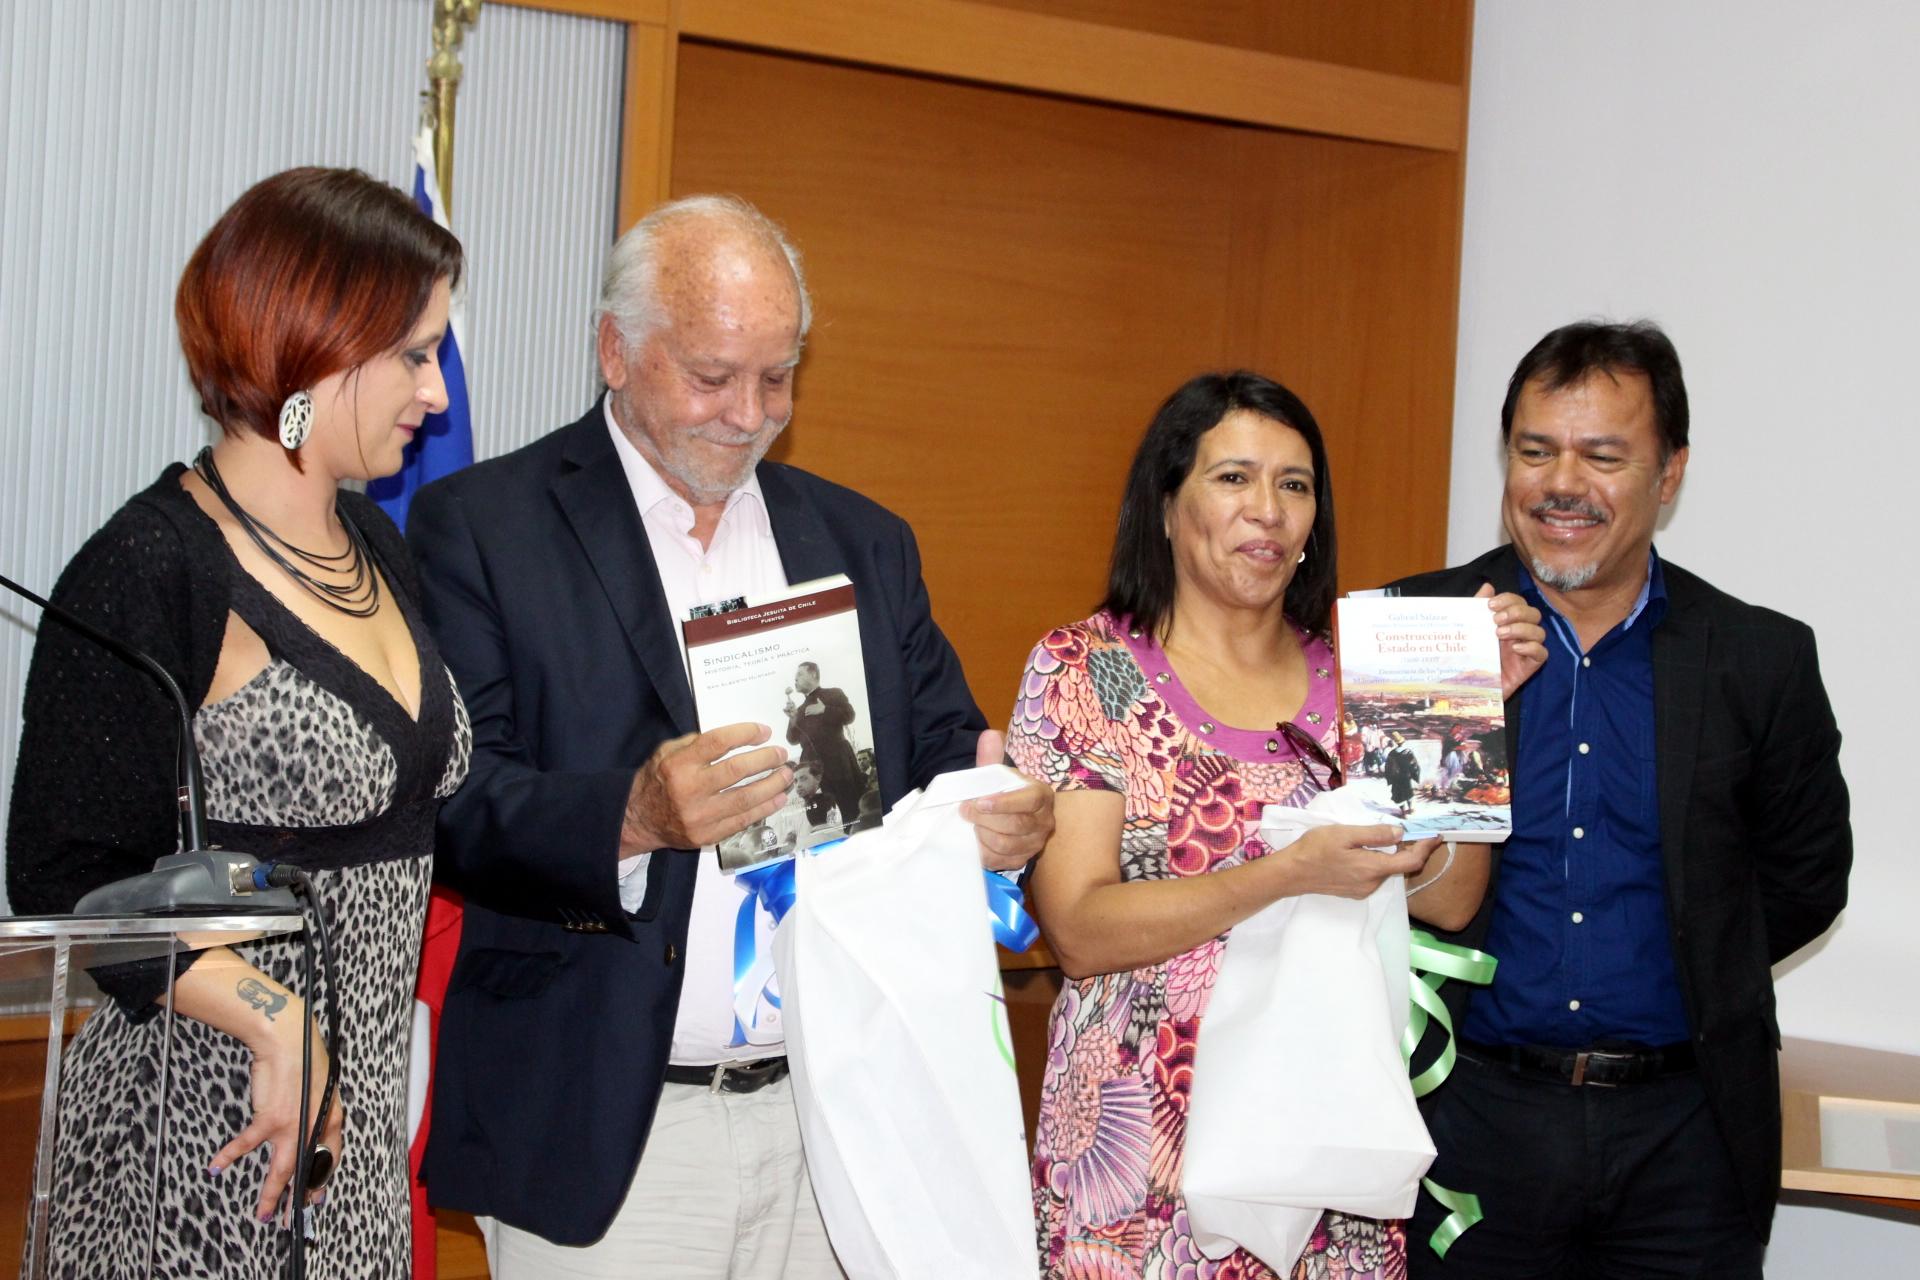 AFUSEC participa en homenaje y reconocimiento de Raúl de la Puente y Nury Benítez - 13 Enero 2017